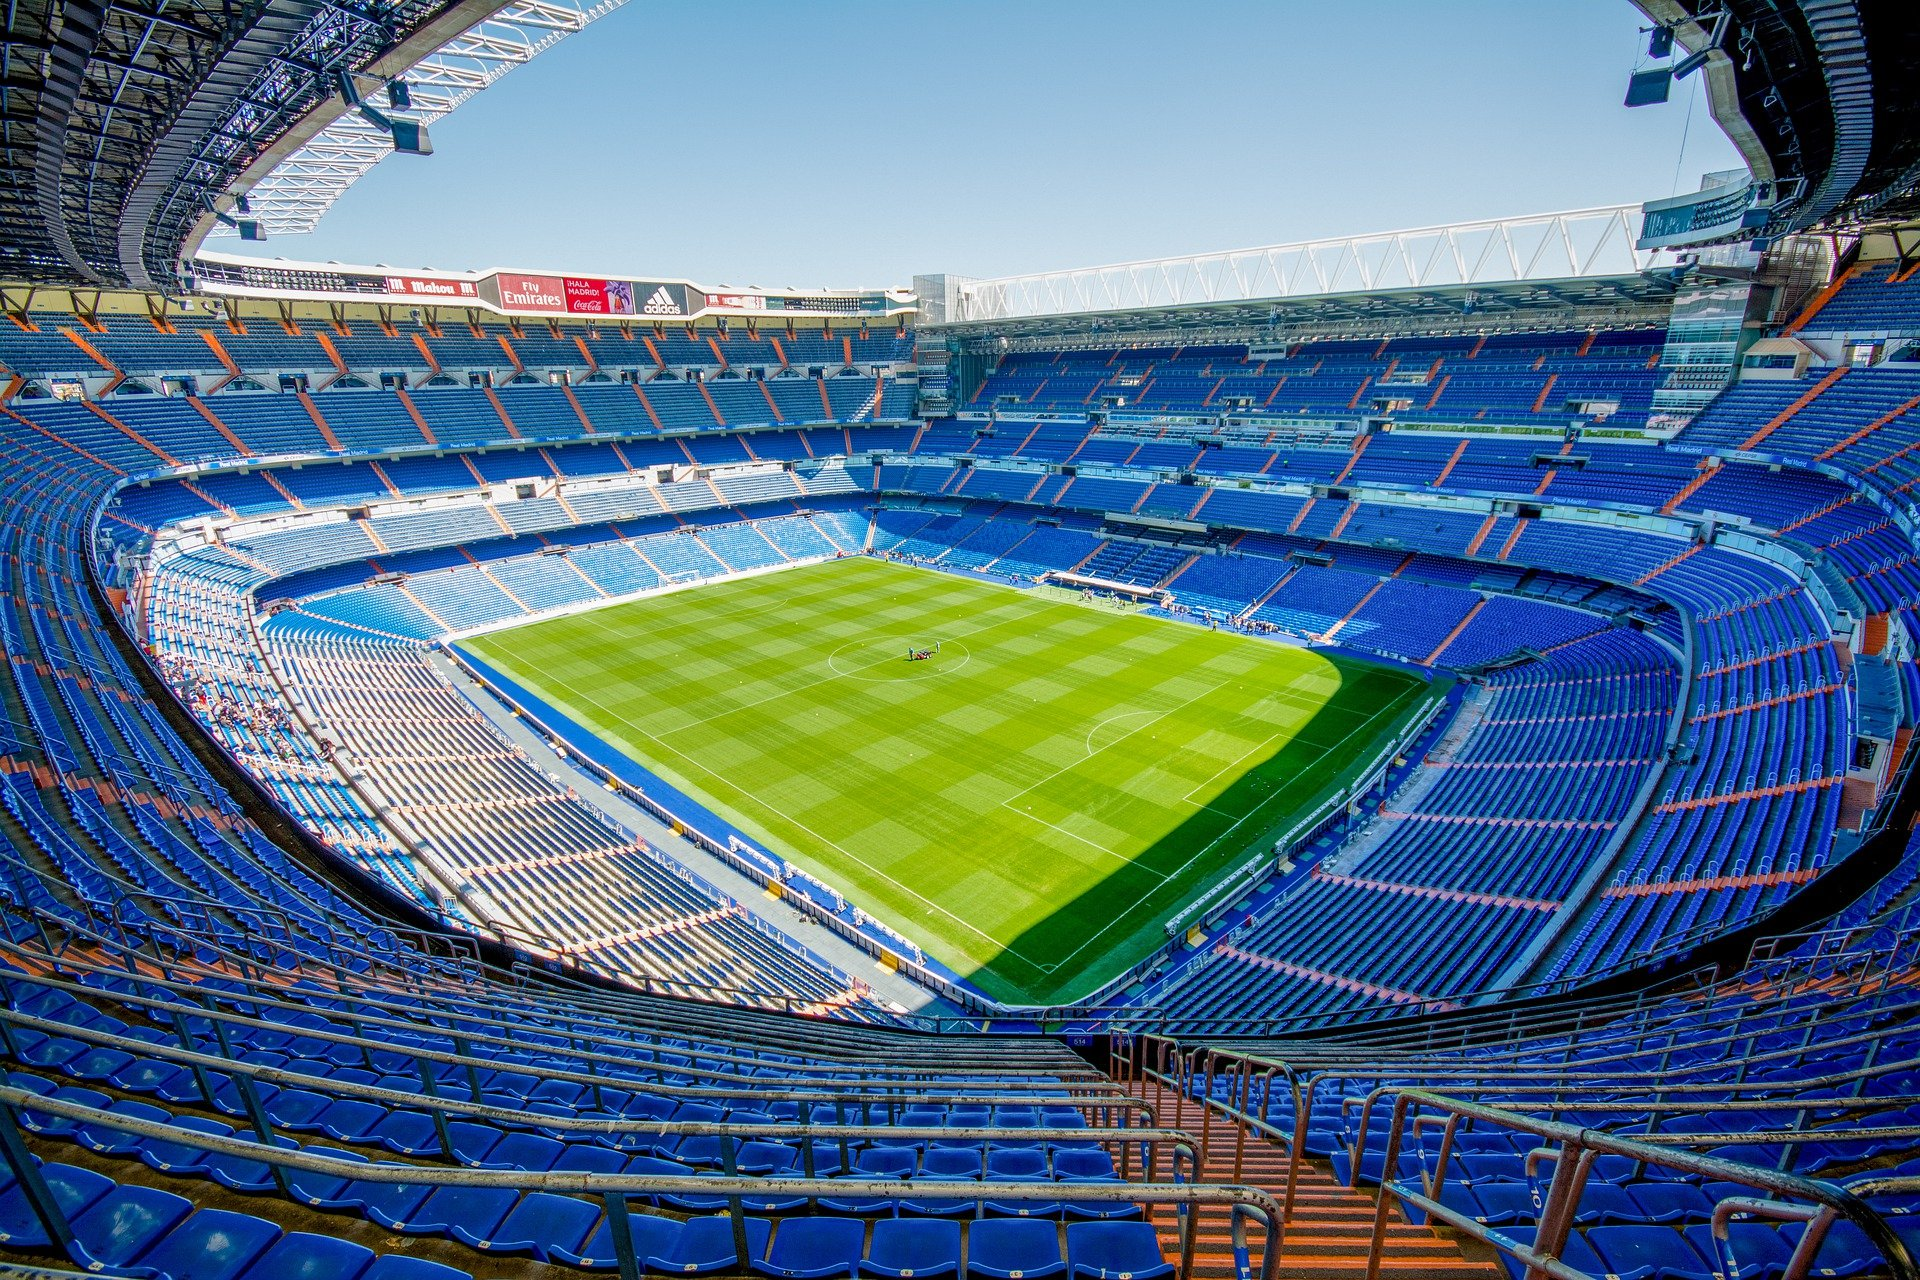 stadium-4760441_1920